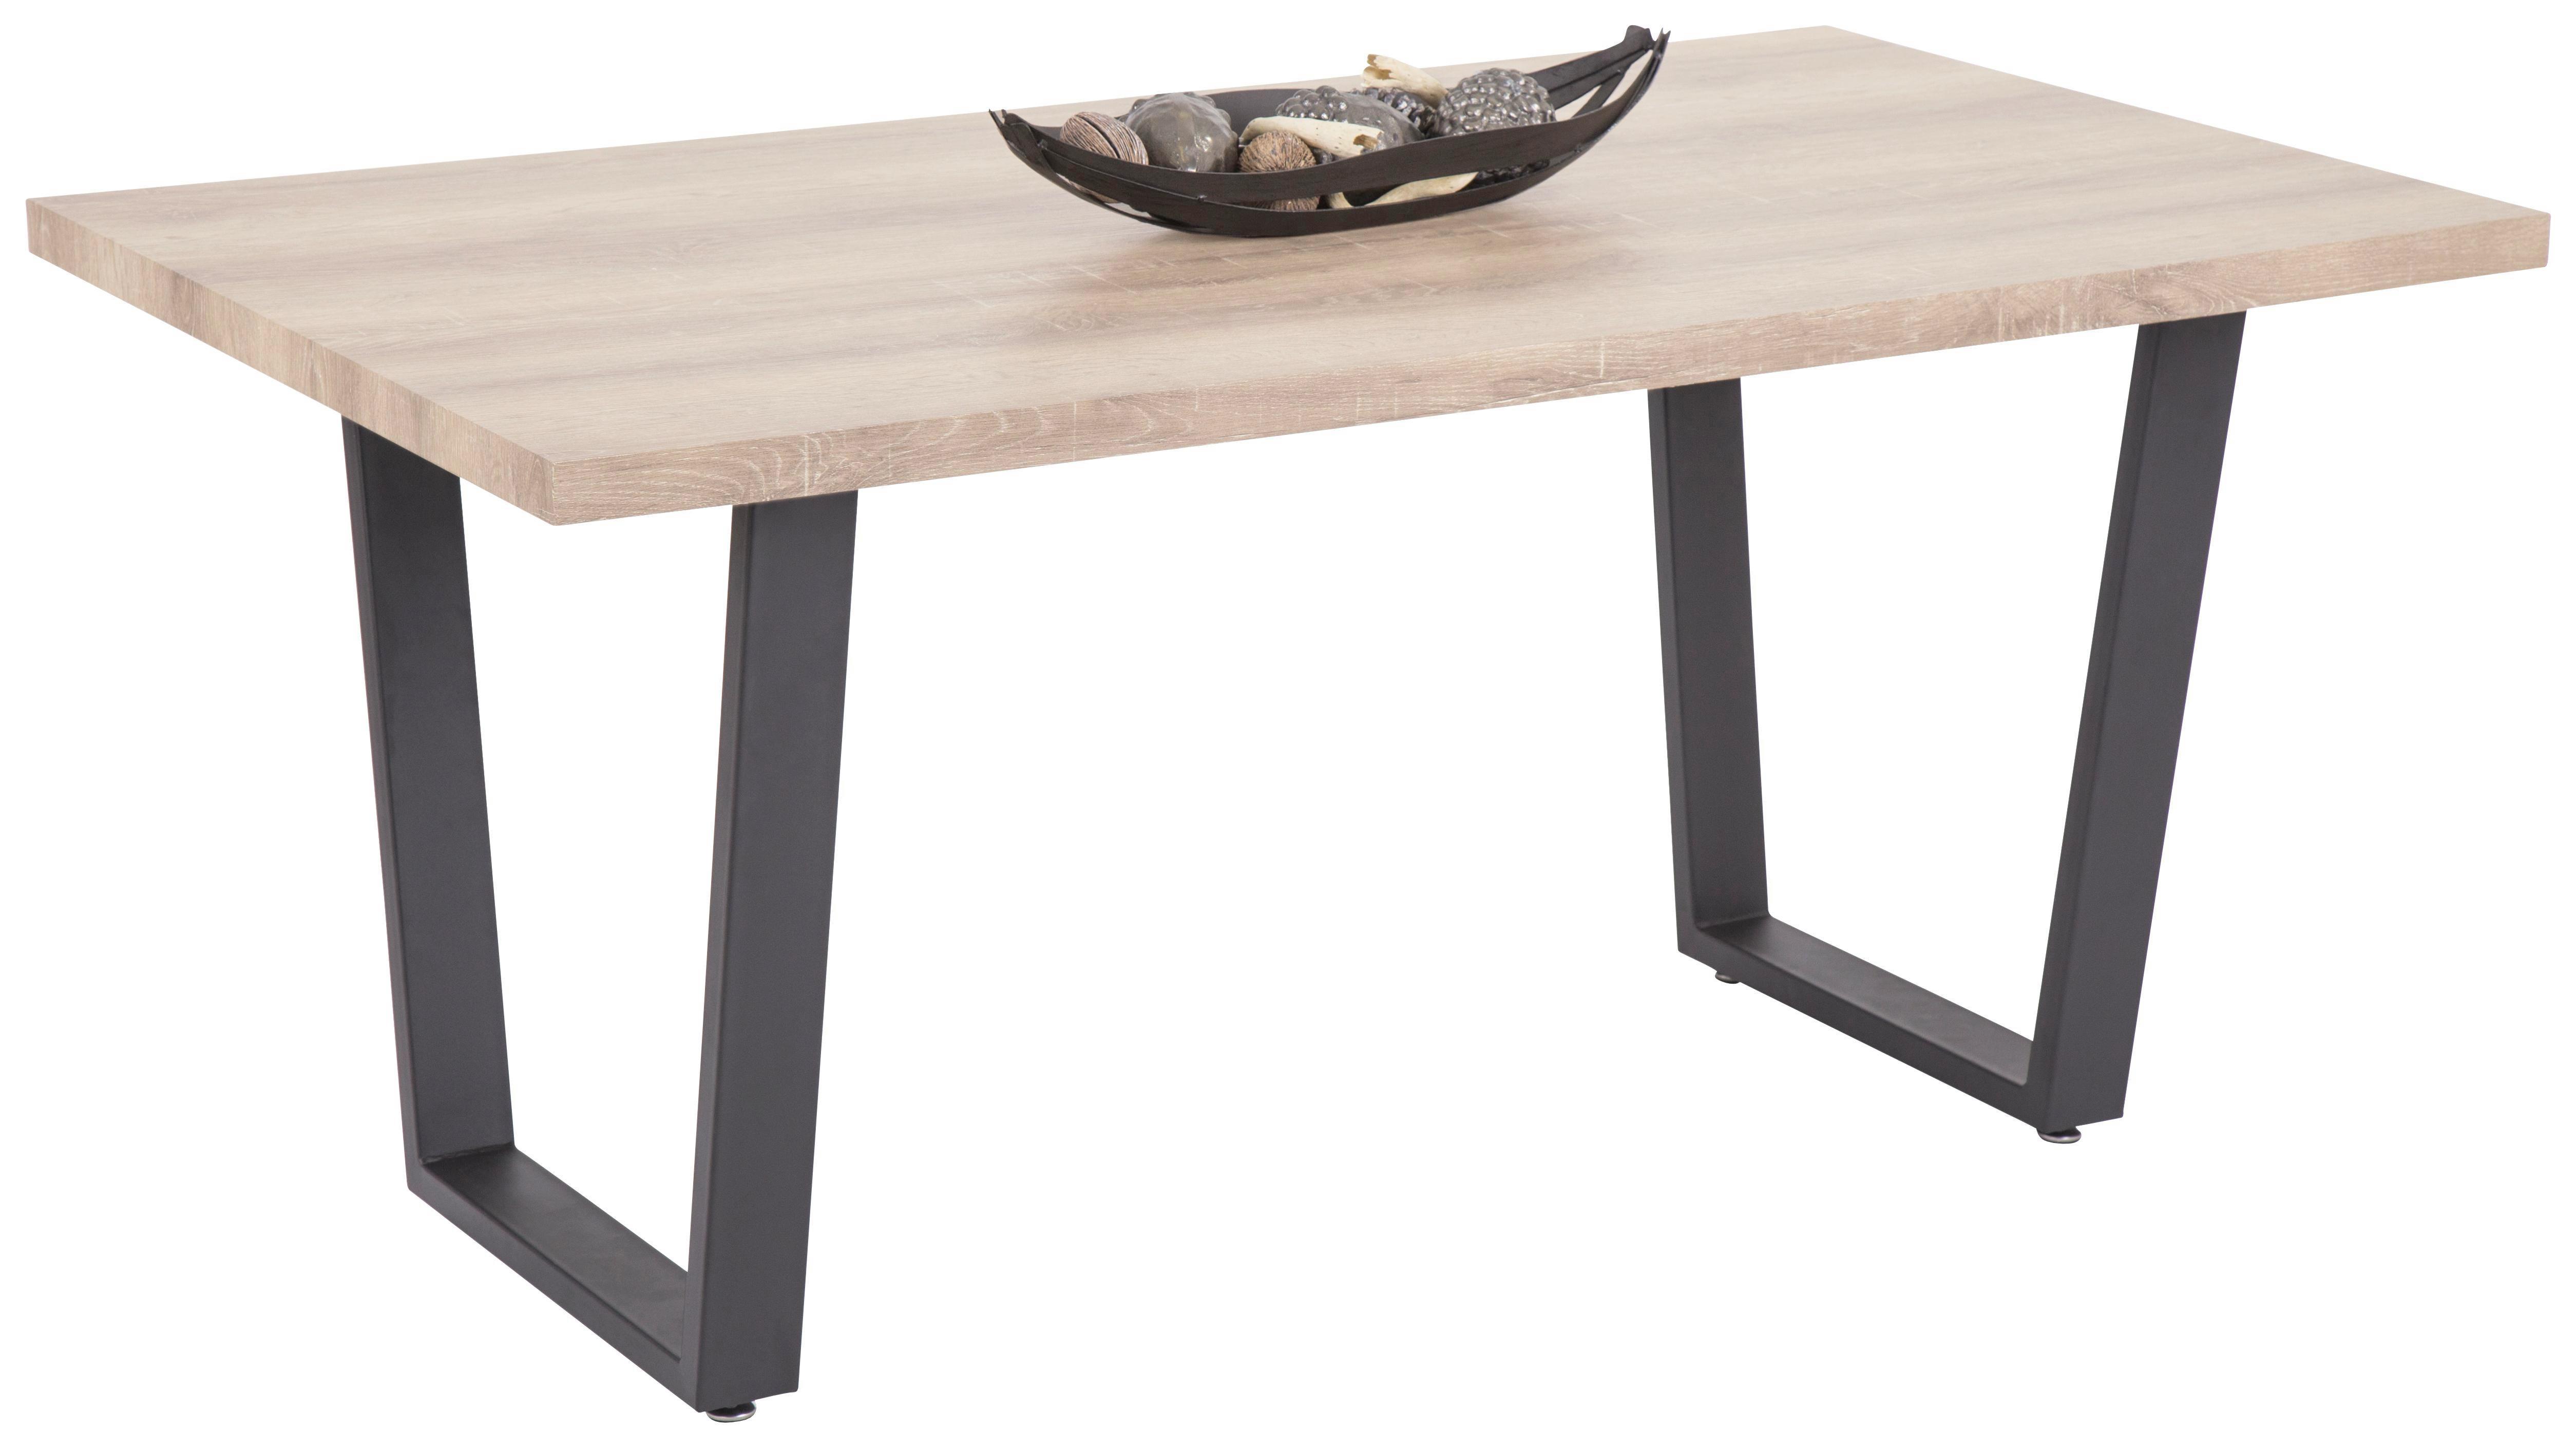 tisch eiche sonoma perfect tisch eiche sonoma with tisch eiche sonoma affordable sitzgruppe. Black Bedroom Furniture Sets. Home Design Ideas